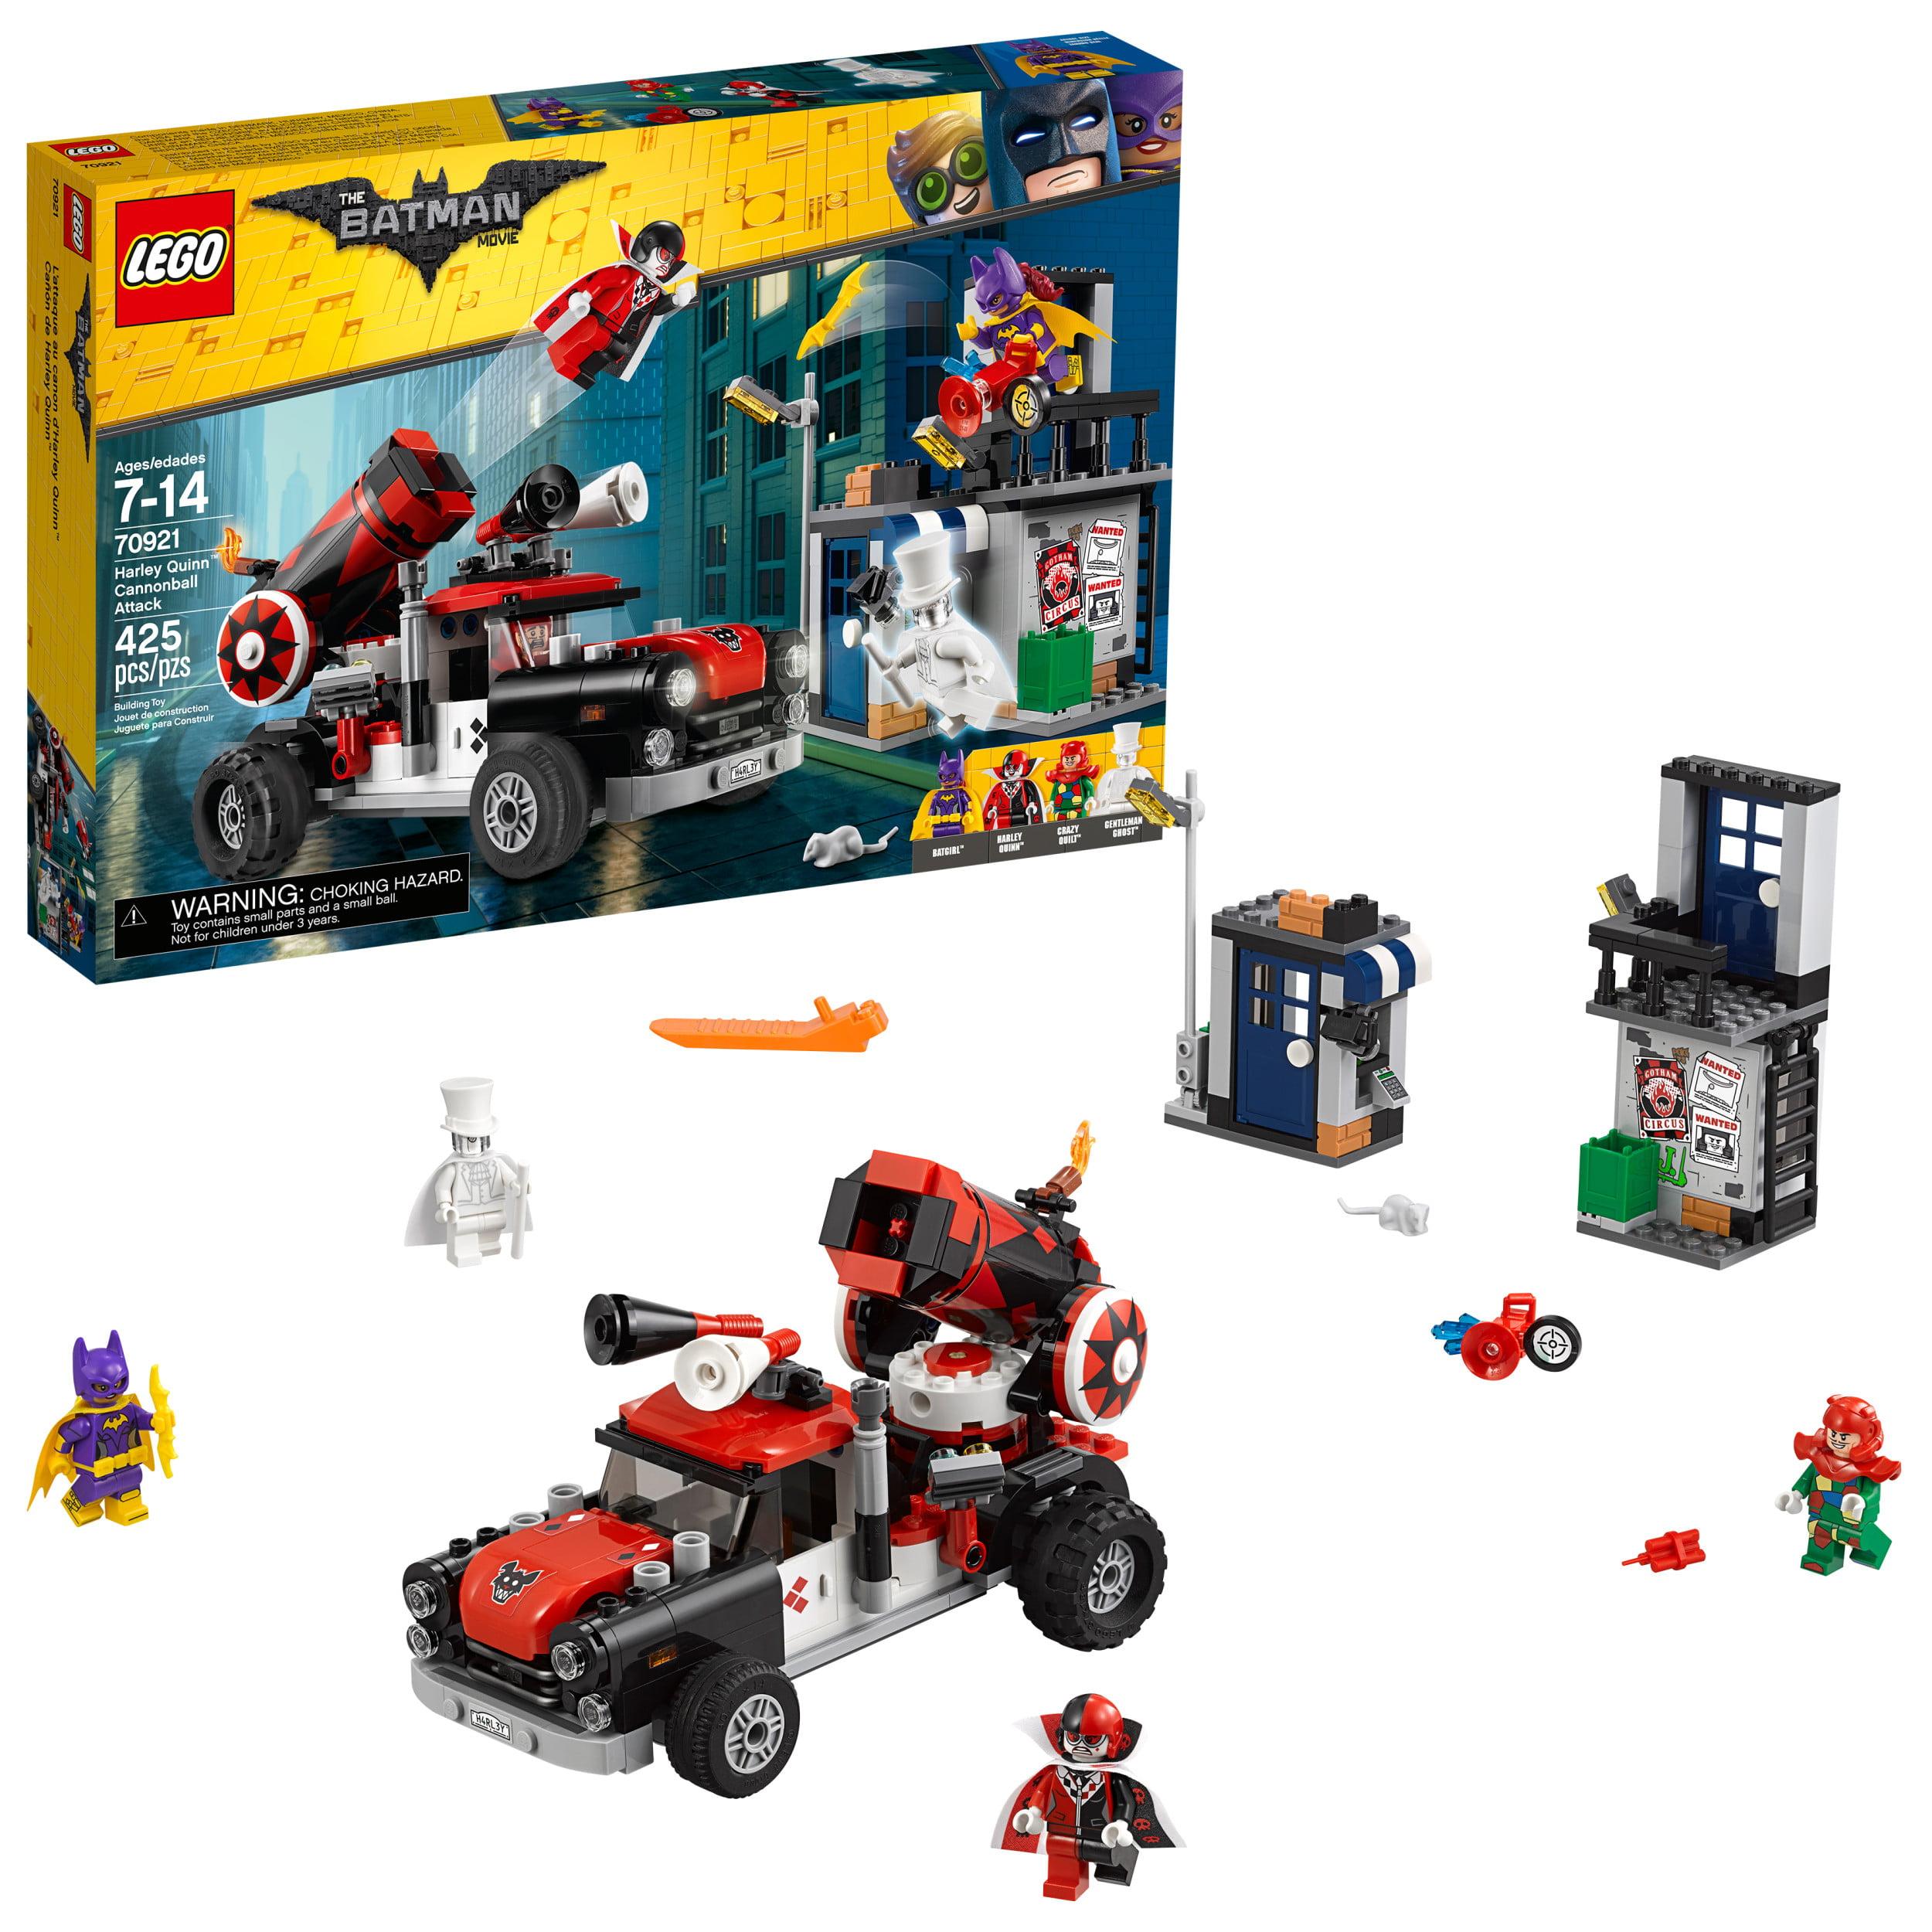 Lego Batman Movie Harley Quinn Cannonball Attack 70921 by LEGO System Inc